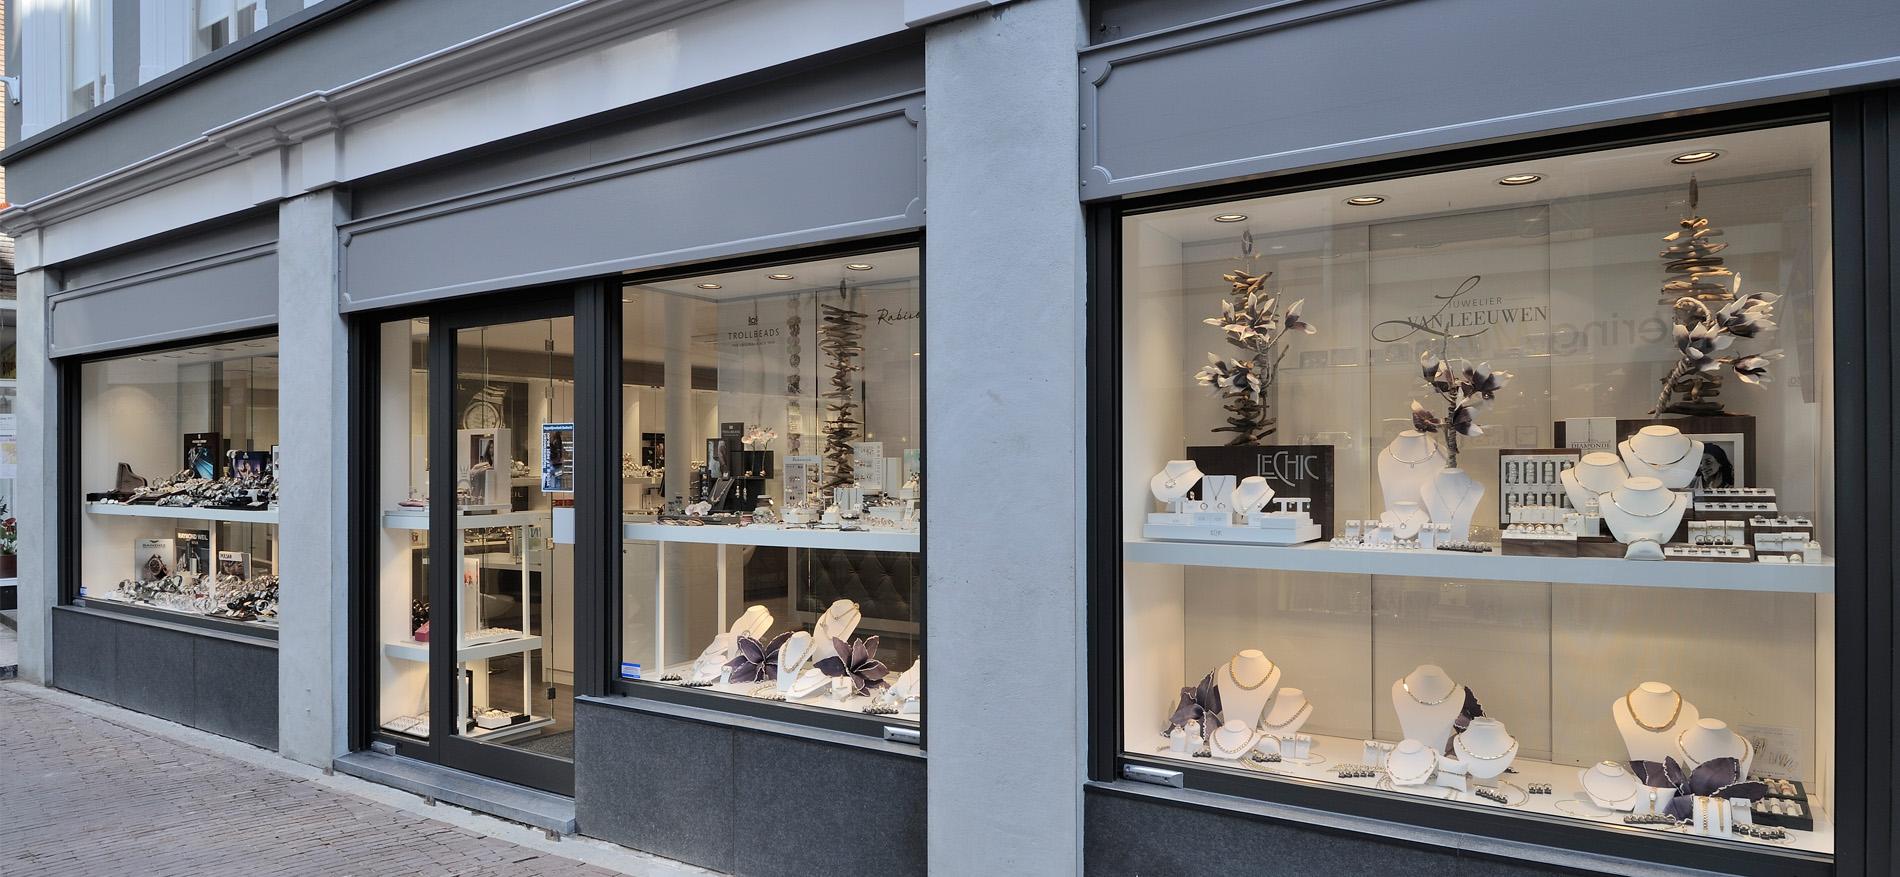 Juwelier van leeuwen dordrecht interieur juwelierszaak for Hanneke koop interieur